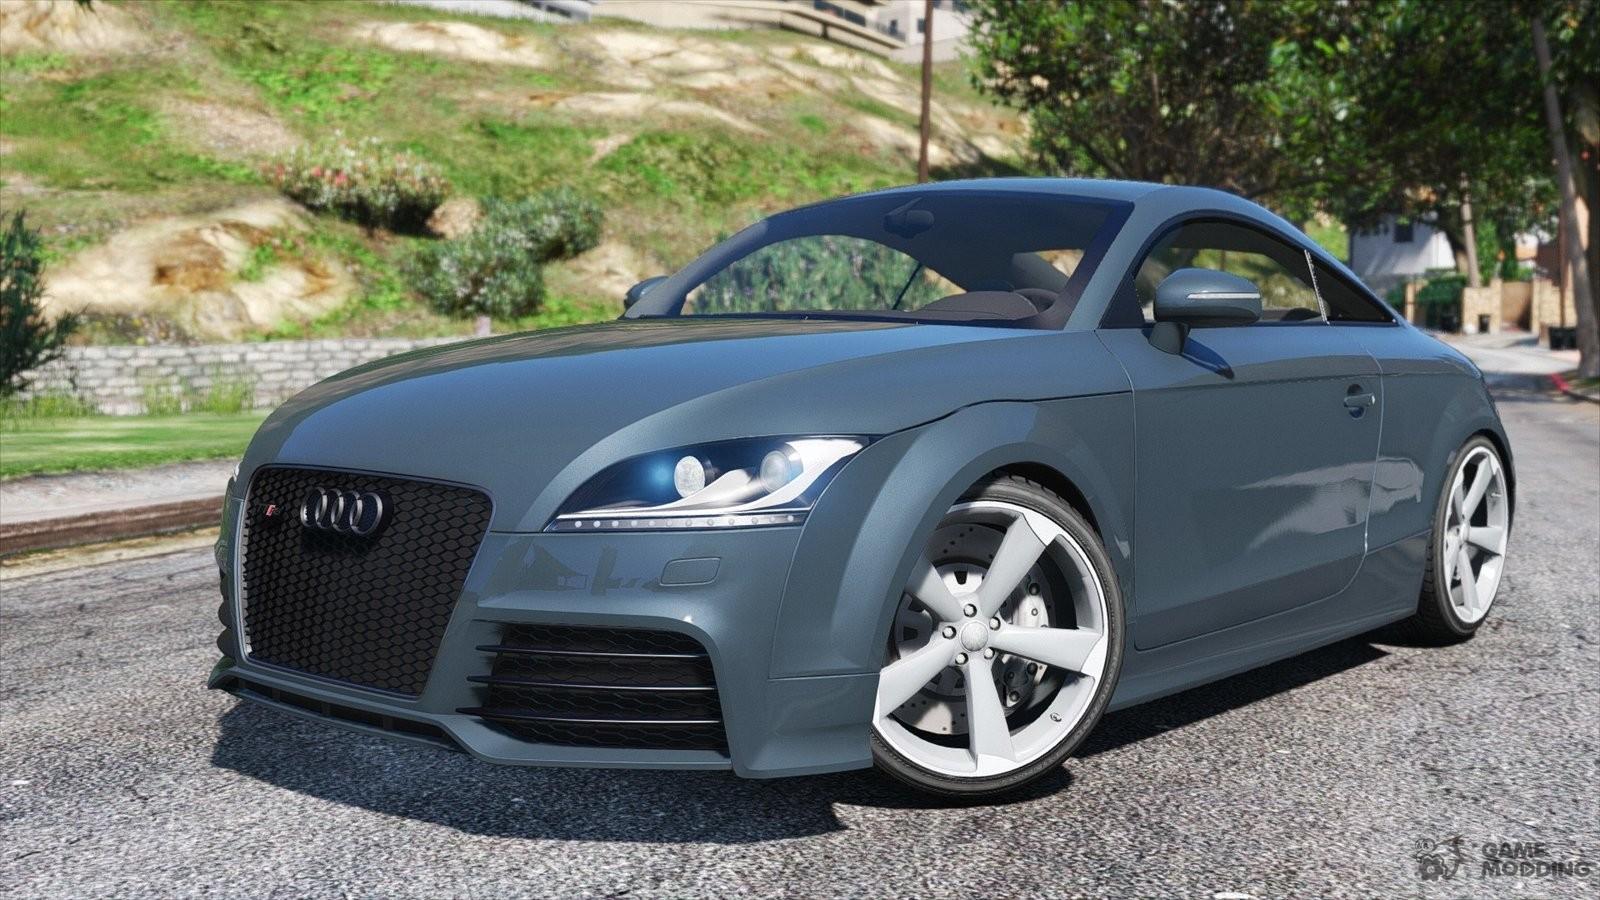 Audi Tt Rs Game: Audi TT RS 2013 V1 For GTA 5